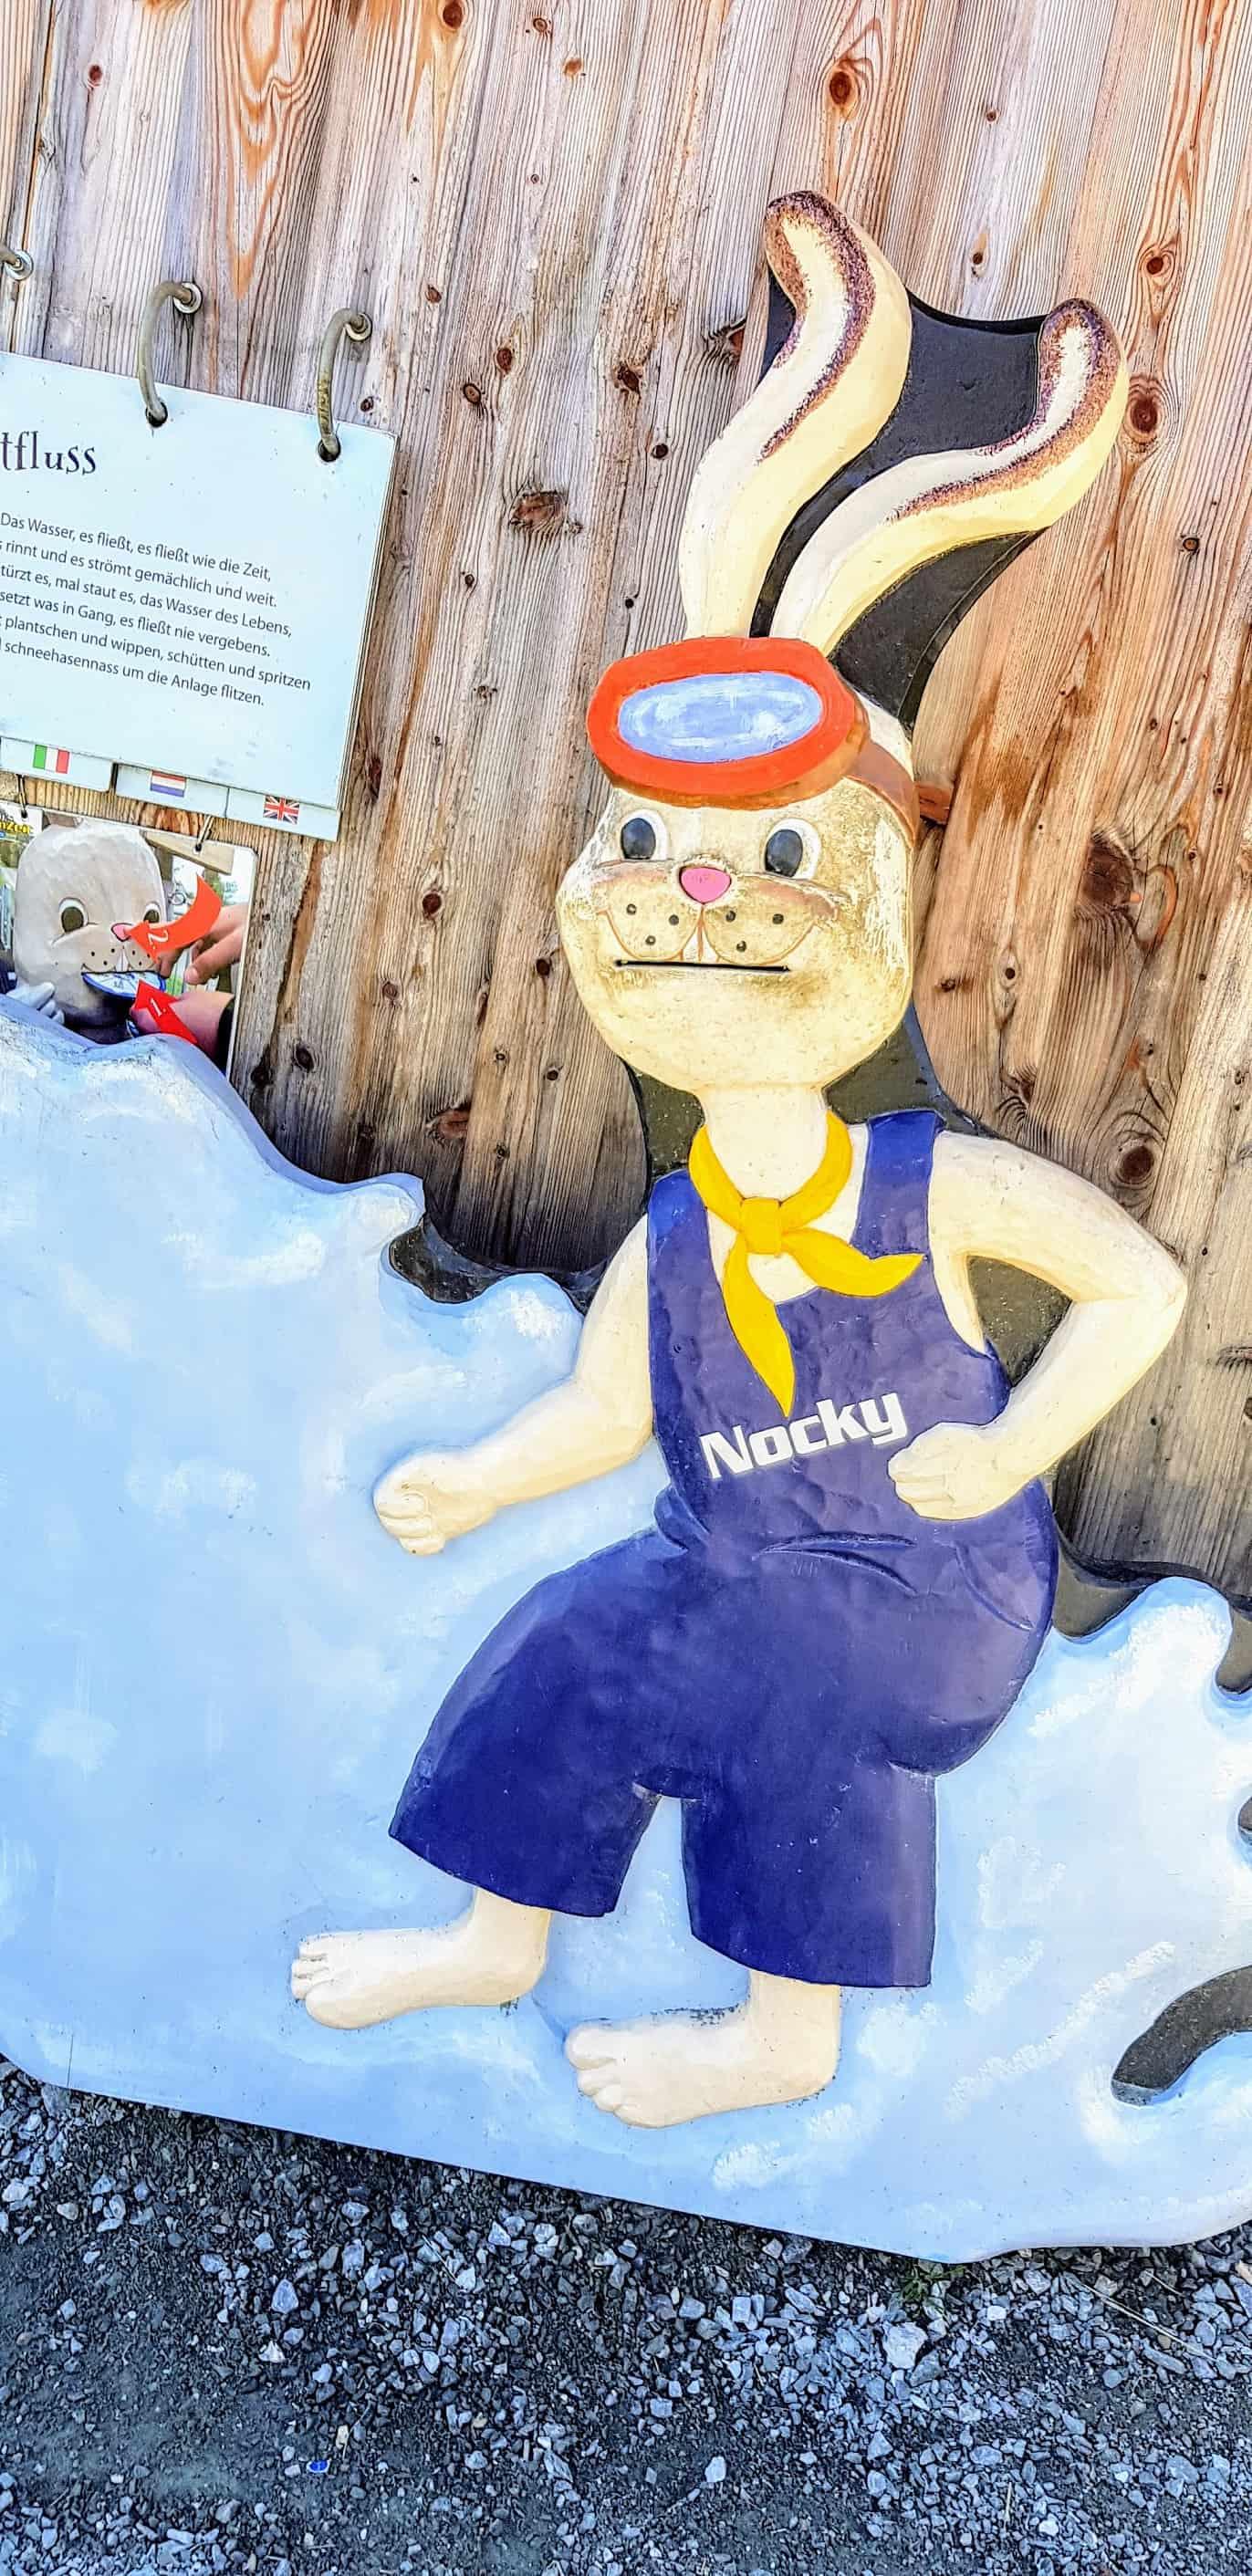 Nocky Kindermaskottchen auf der Turracher Höhe - Nocky Flitzer & Kinderspielplatz Nocky's Almzeit